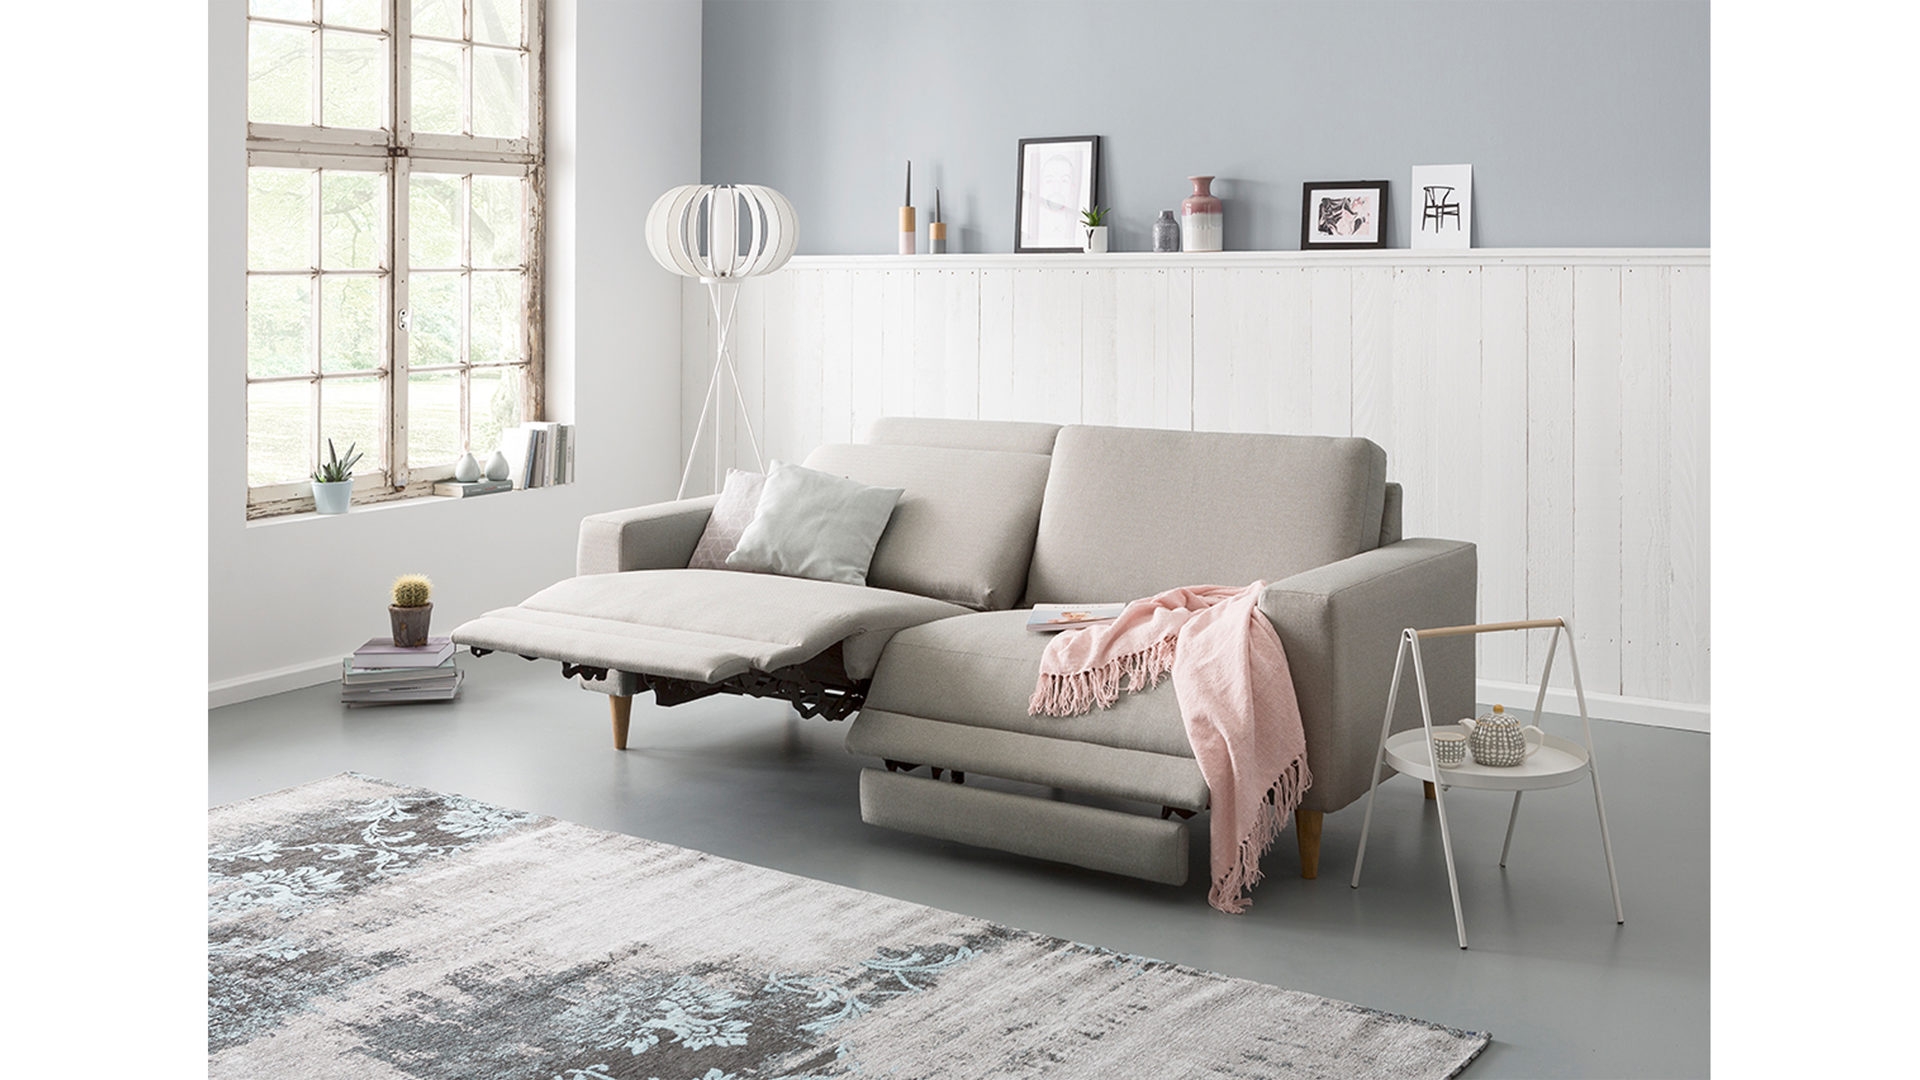 Möbel Bernskötter Mülheim, Zweisitzer-Sofa mit Funktion ...